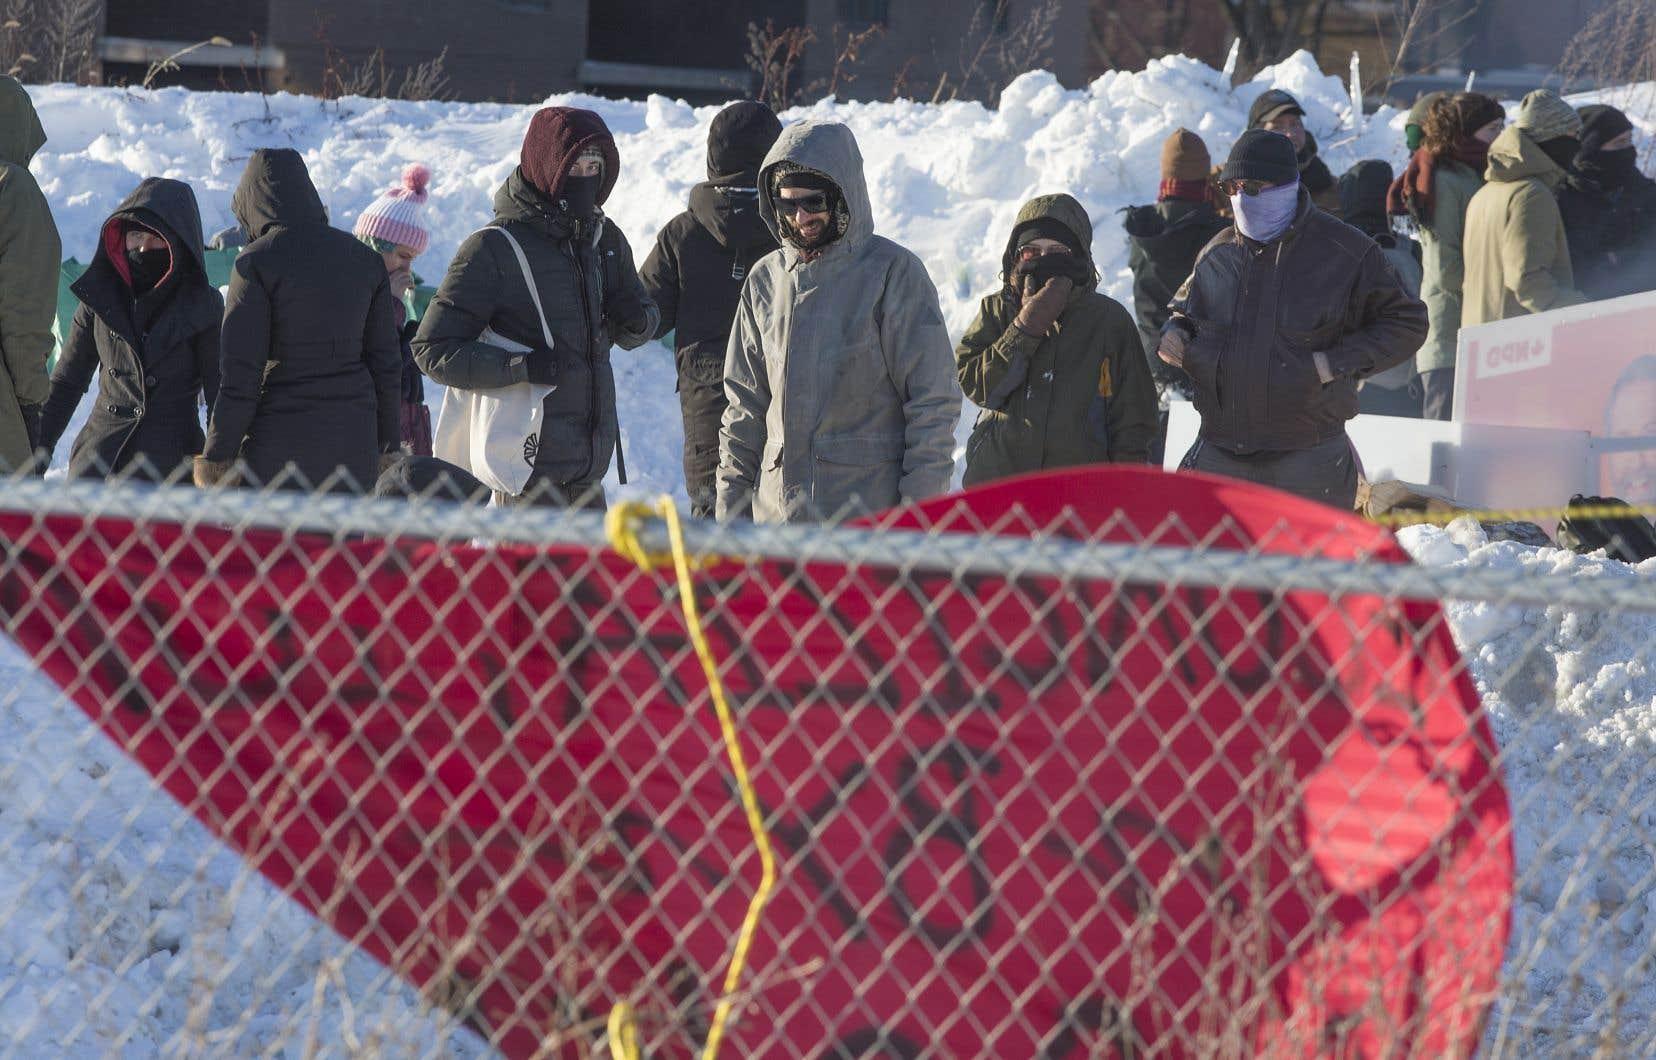 <p>La barricade a été installée par des manifestants qui se disent en solidarité avec les Autochtones de Wet'suwet'en, en Colombie-Britannique.</p>